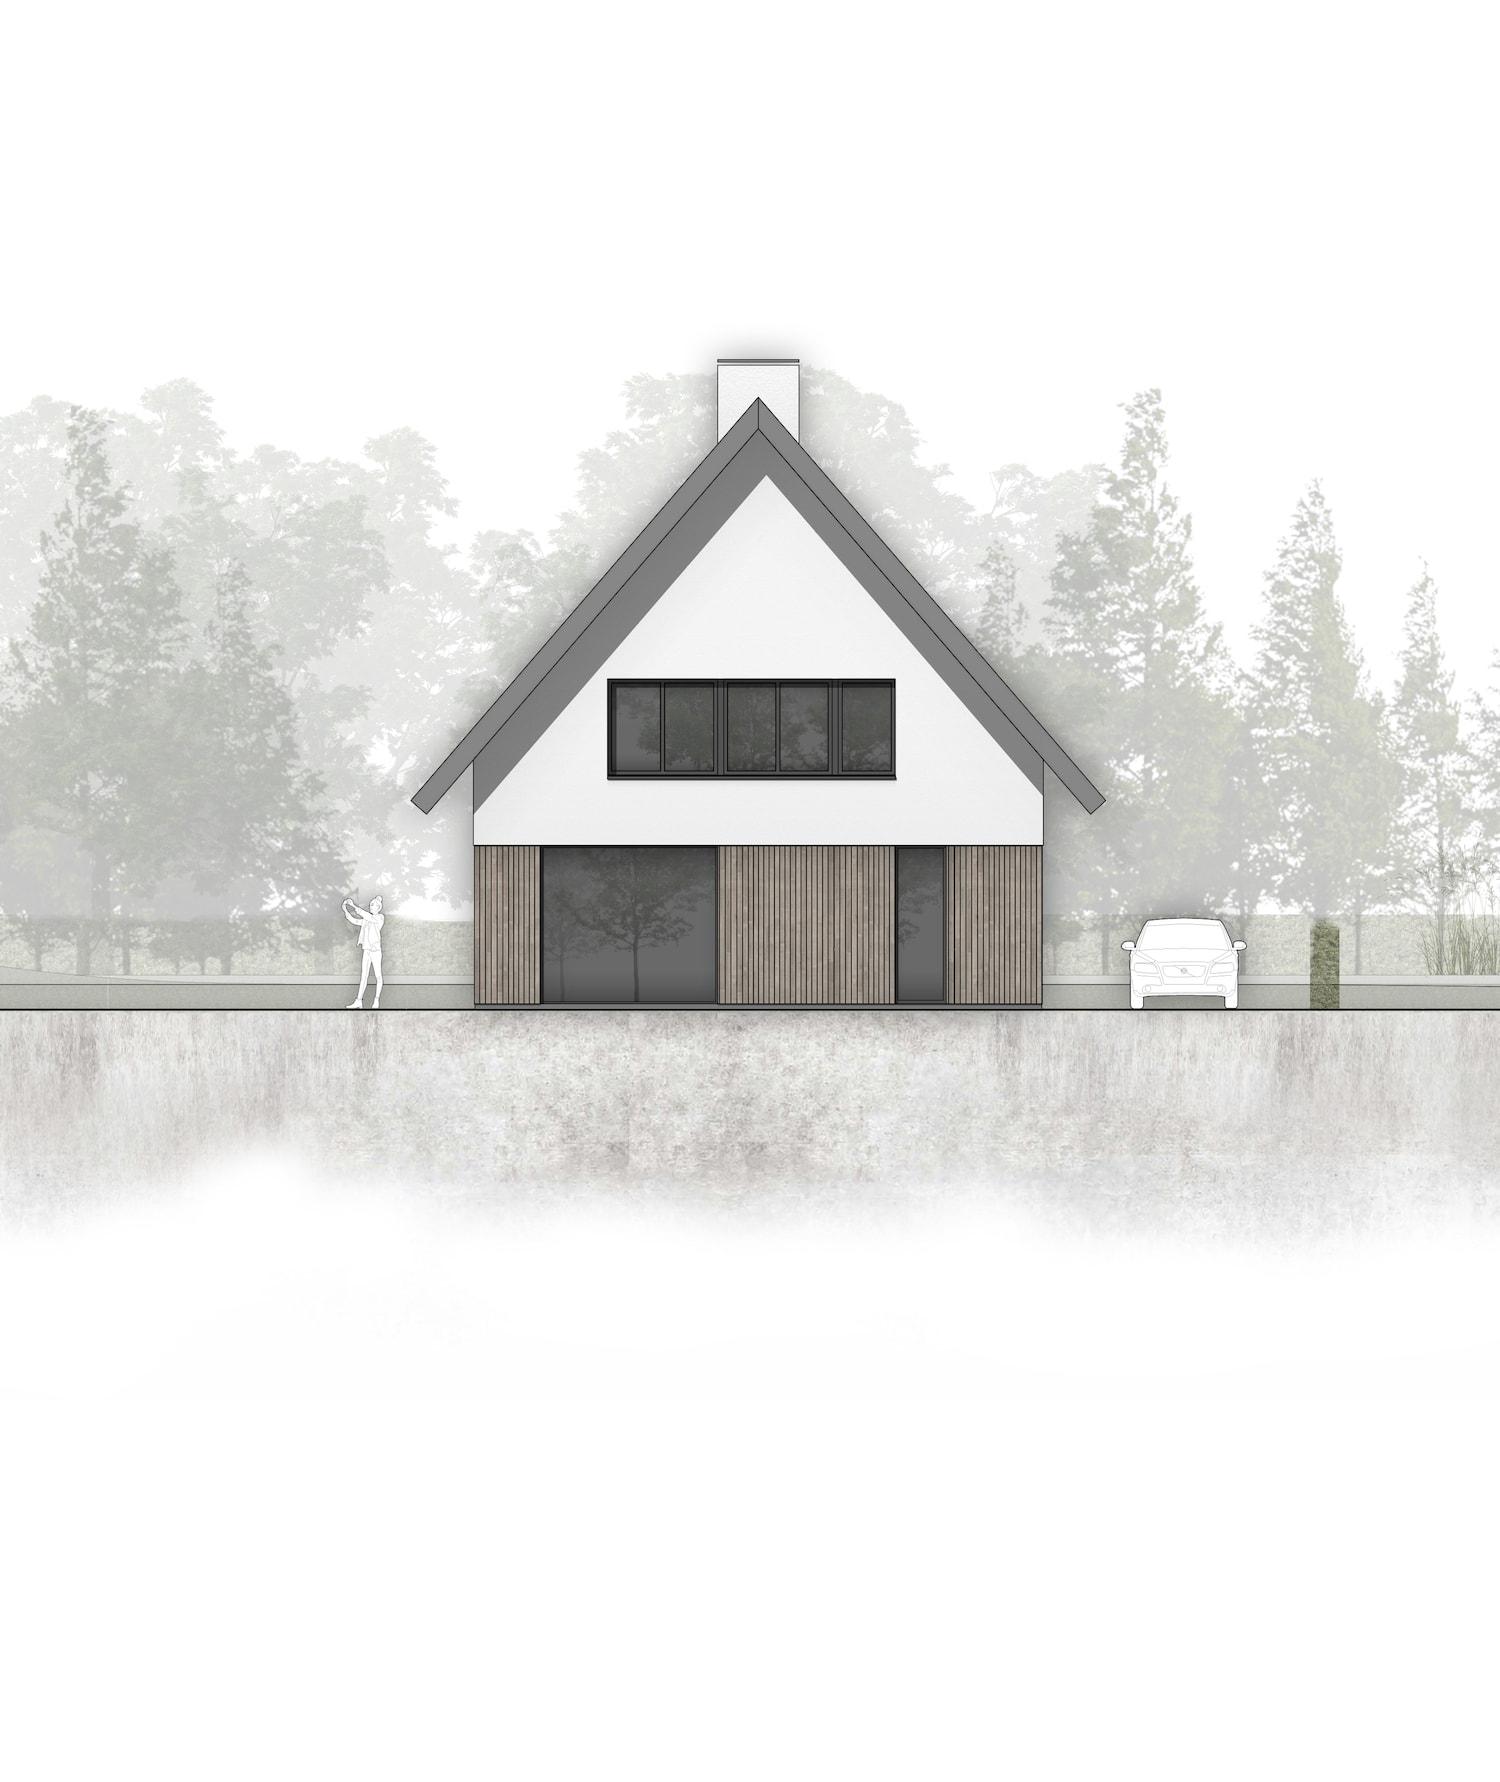 van-os-architecten-breda-nieuwbouw-woning-in-gevelstucwerk-en-stalen-dak-hoge-gouw-teteringen-voorgevel-met-houten-gevelbetimmering-en-overstekken